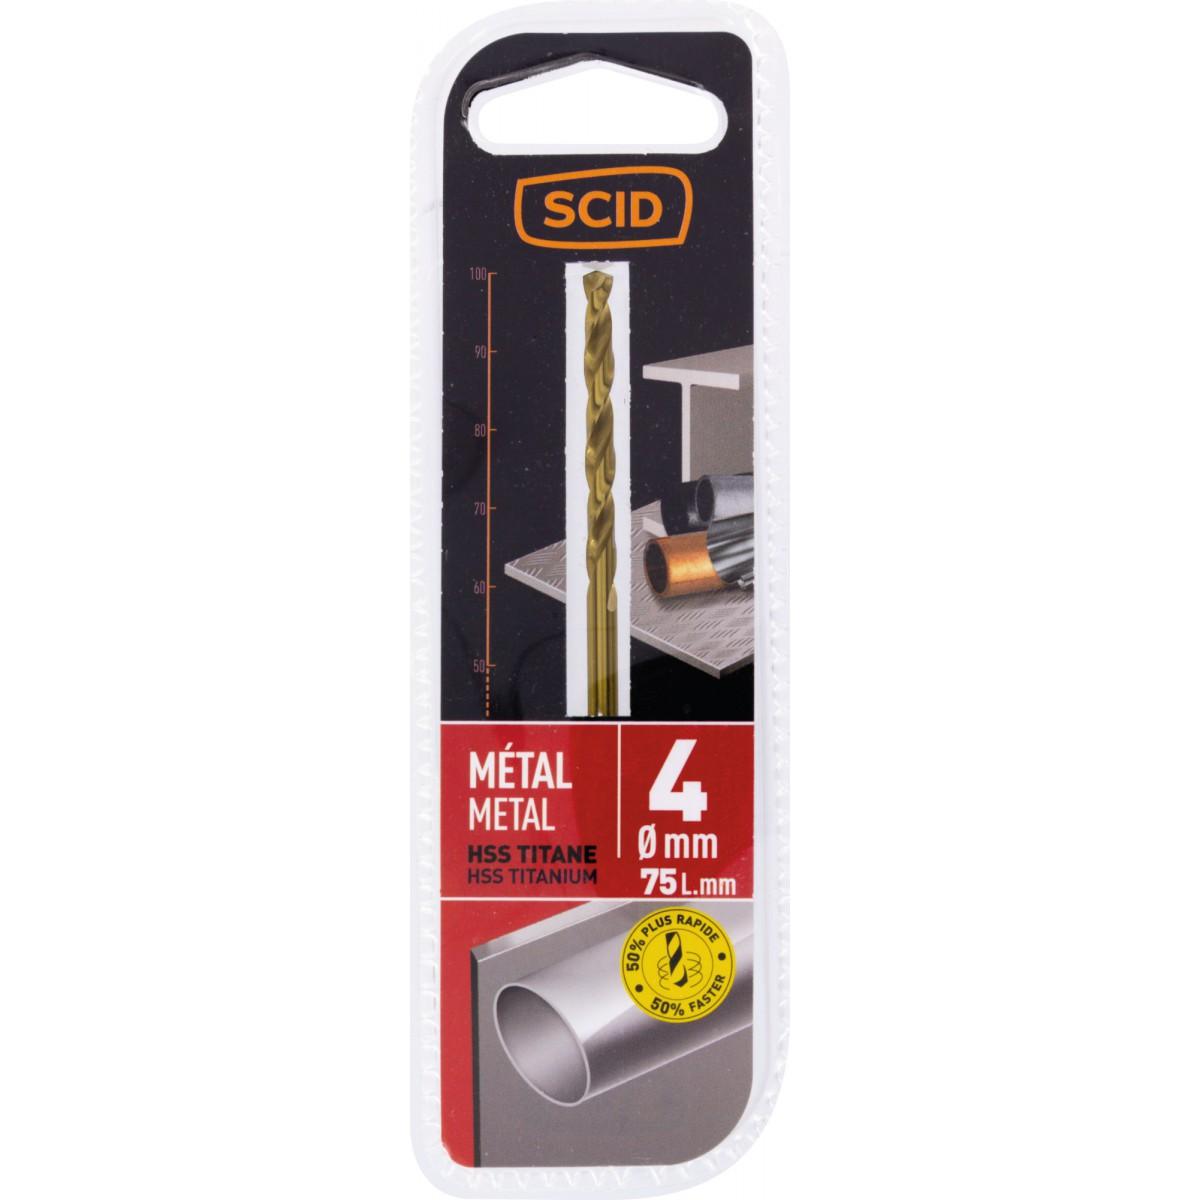 Foret métal HSS titane SCID - Longueur 75 mm - Diamètre 4 mm